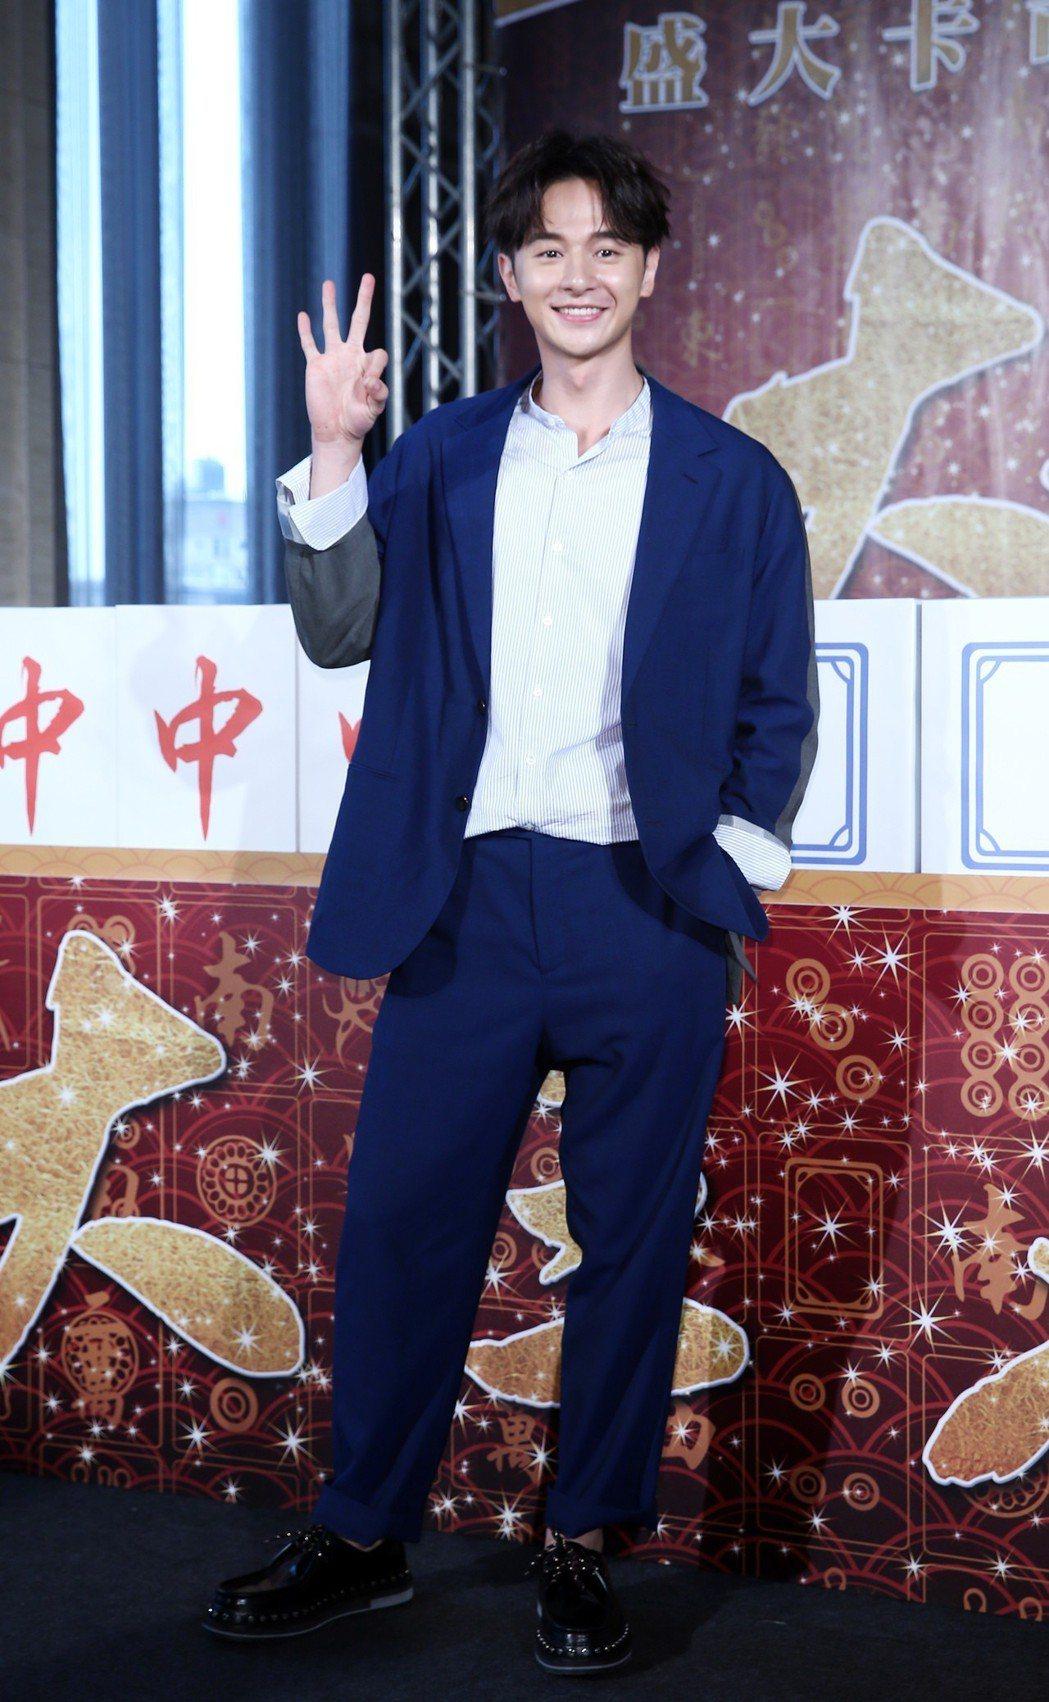 電影《大三元》預定在明年賀歲檔上映,男主角張軒睿出席記者會為電影宣傳。記者杜建重...